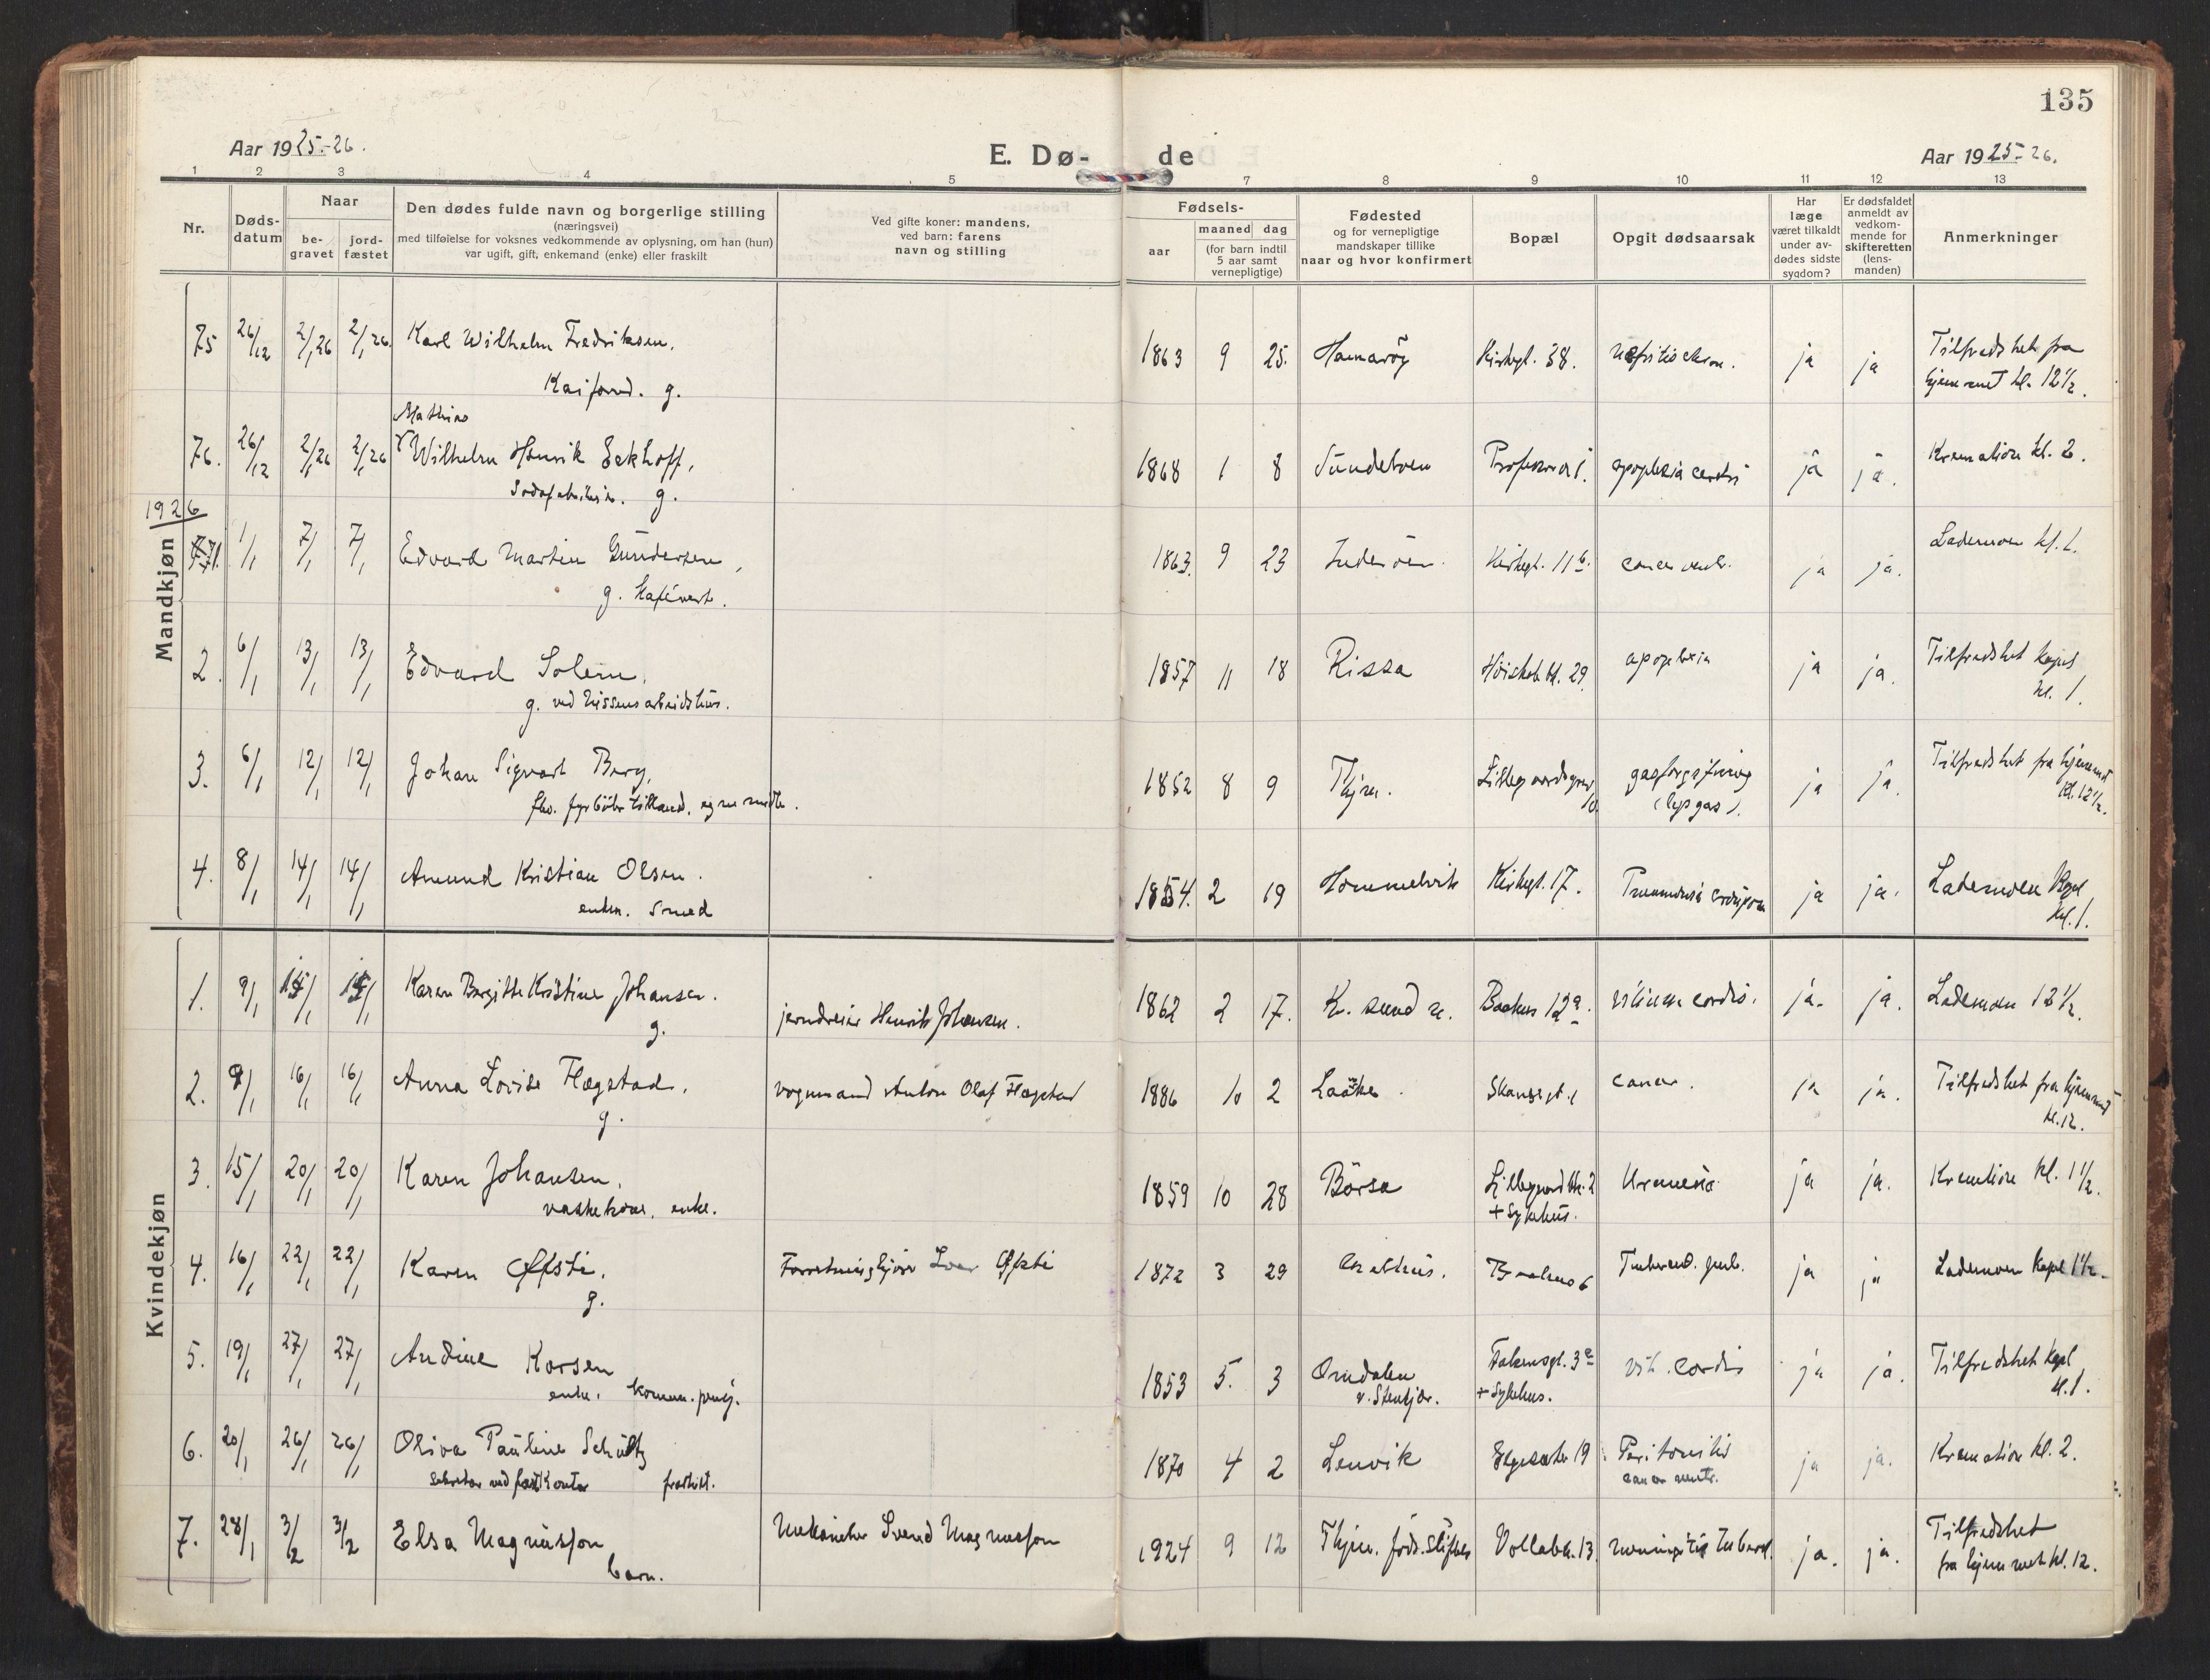 SAT, Ministerialprotokoller, klokkerbøker og fødselsregistre - Sør-Trøndelag, 604/L0207: Ministerialbok nr. 604A27, 1917-1933, s. 135